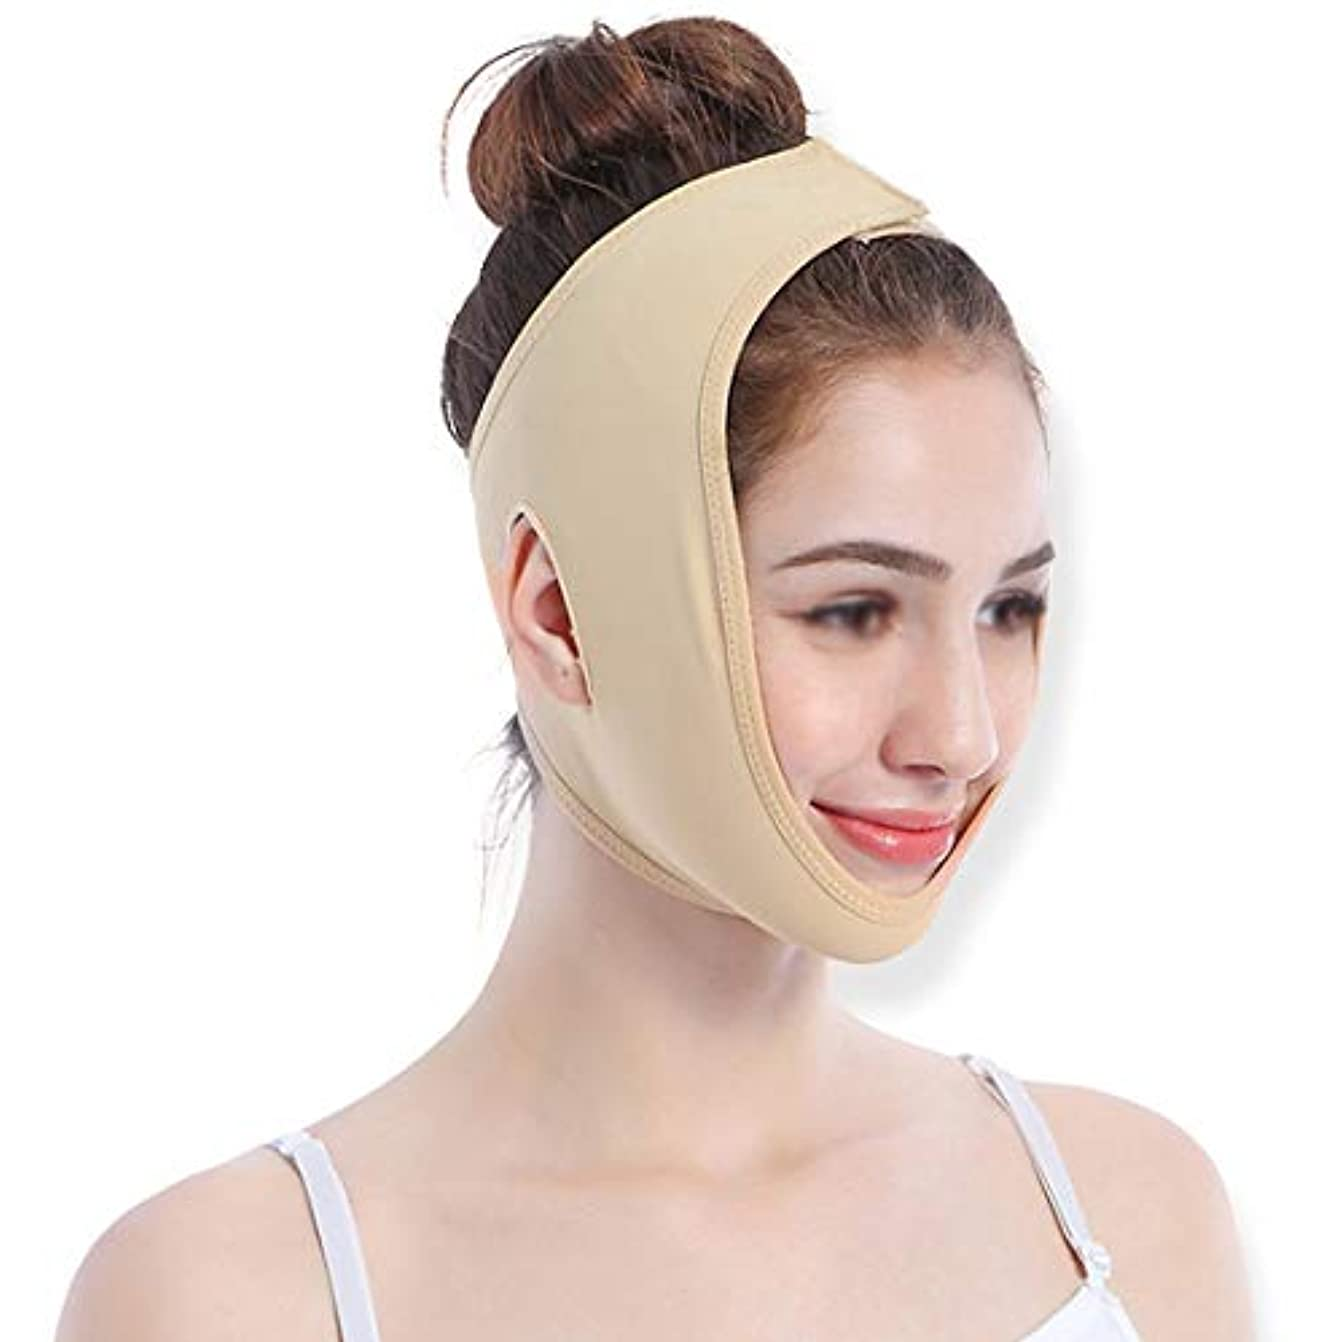 兵隊カブ消すZWBD フェイスマスク, 減量の包帯の男性と女性を削除するフェイスリフティングアーティファクト二重あごフェイスリフトアーティファクトVフェイスマスク楽器包帯